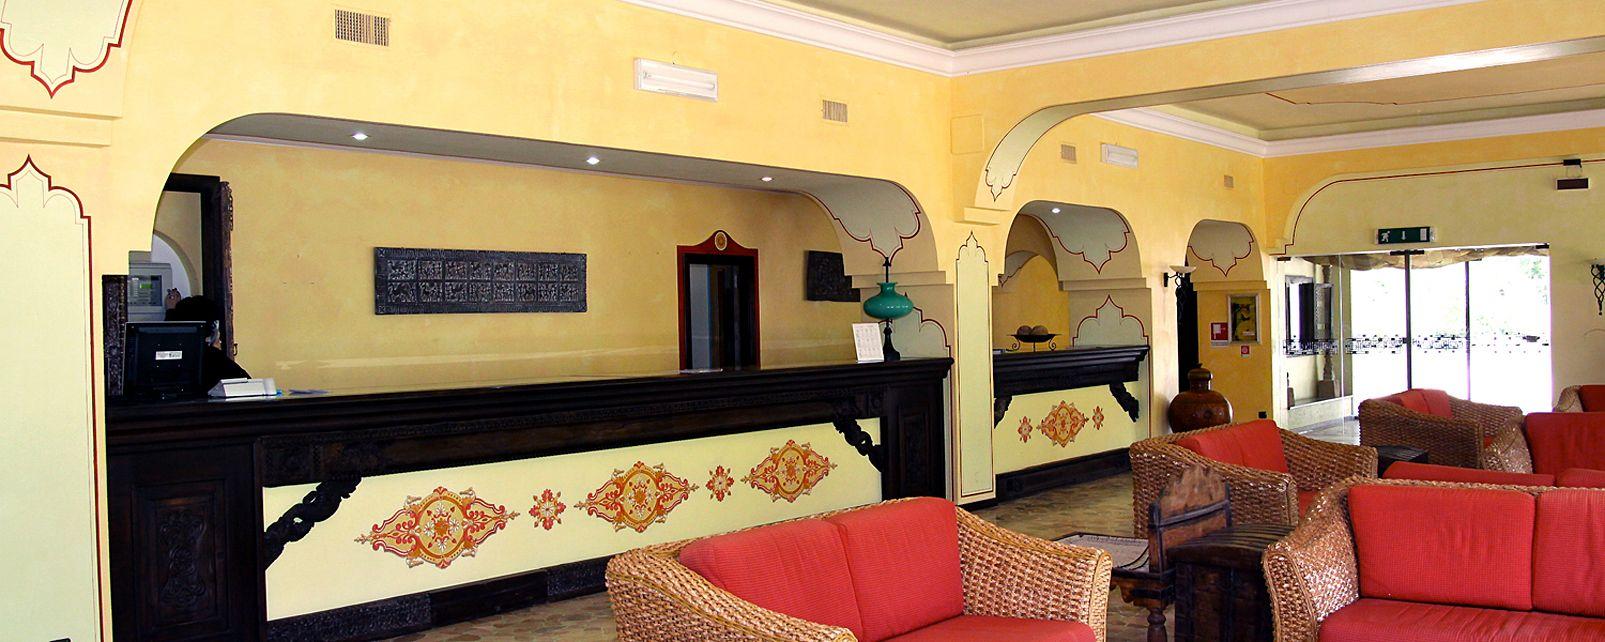 Hôtel Orovacanze Capo Boi